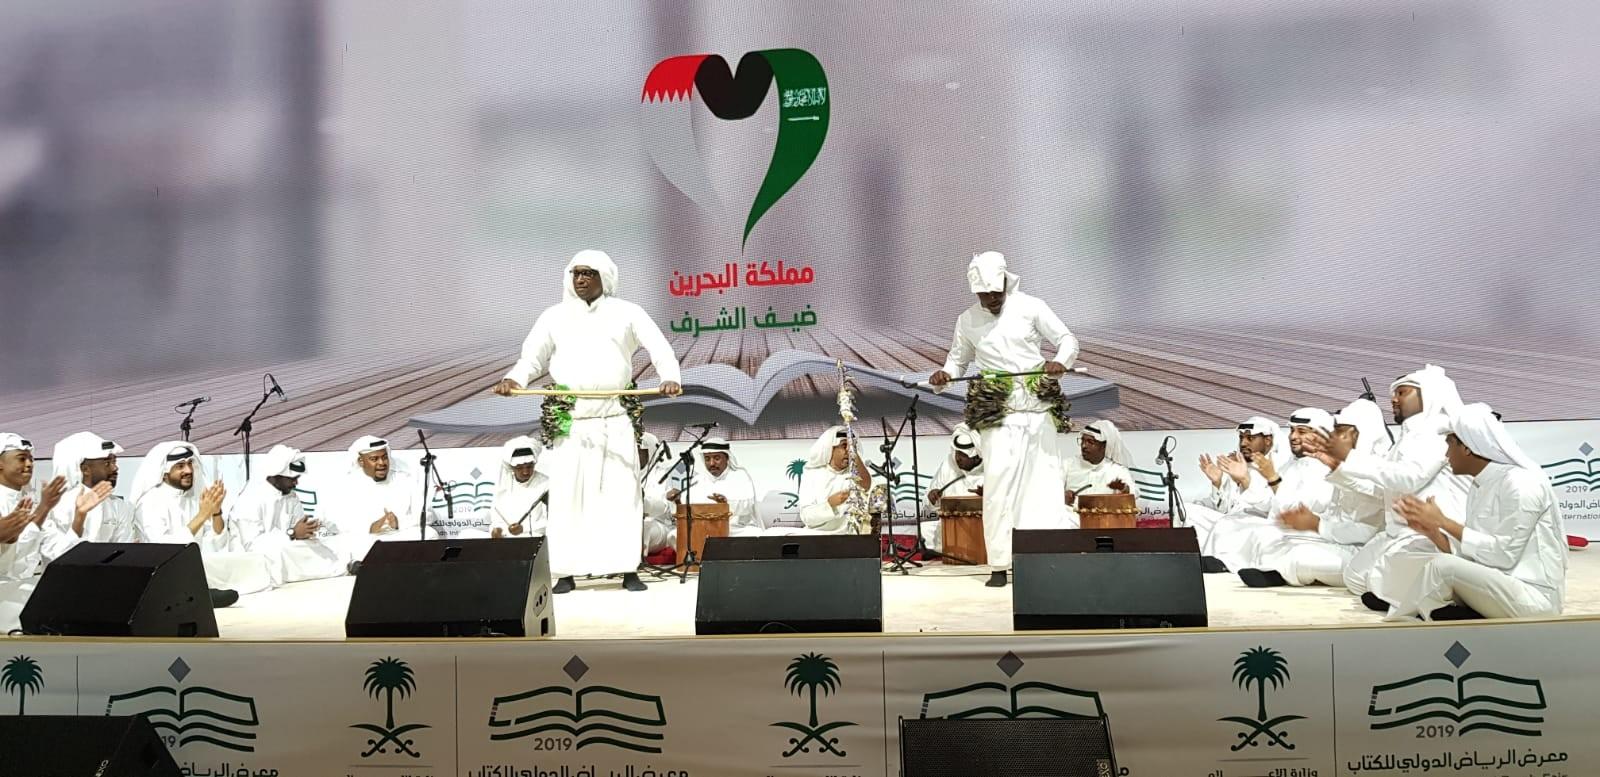 محاضرة لجاسم بن حربان ولوحات للفنون الشعبية مع فرقة إسماعيل دوّاس